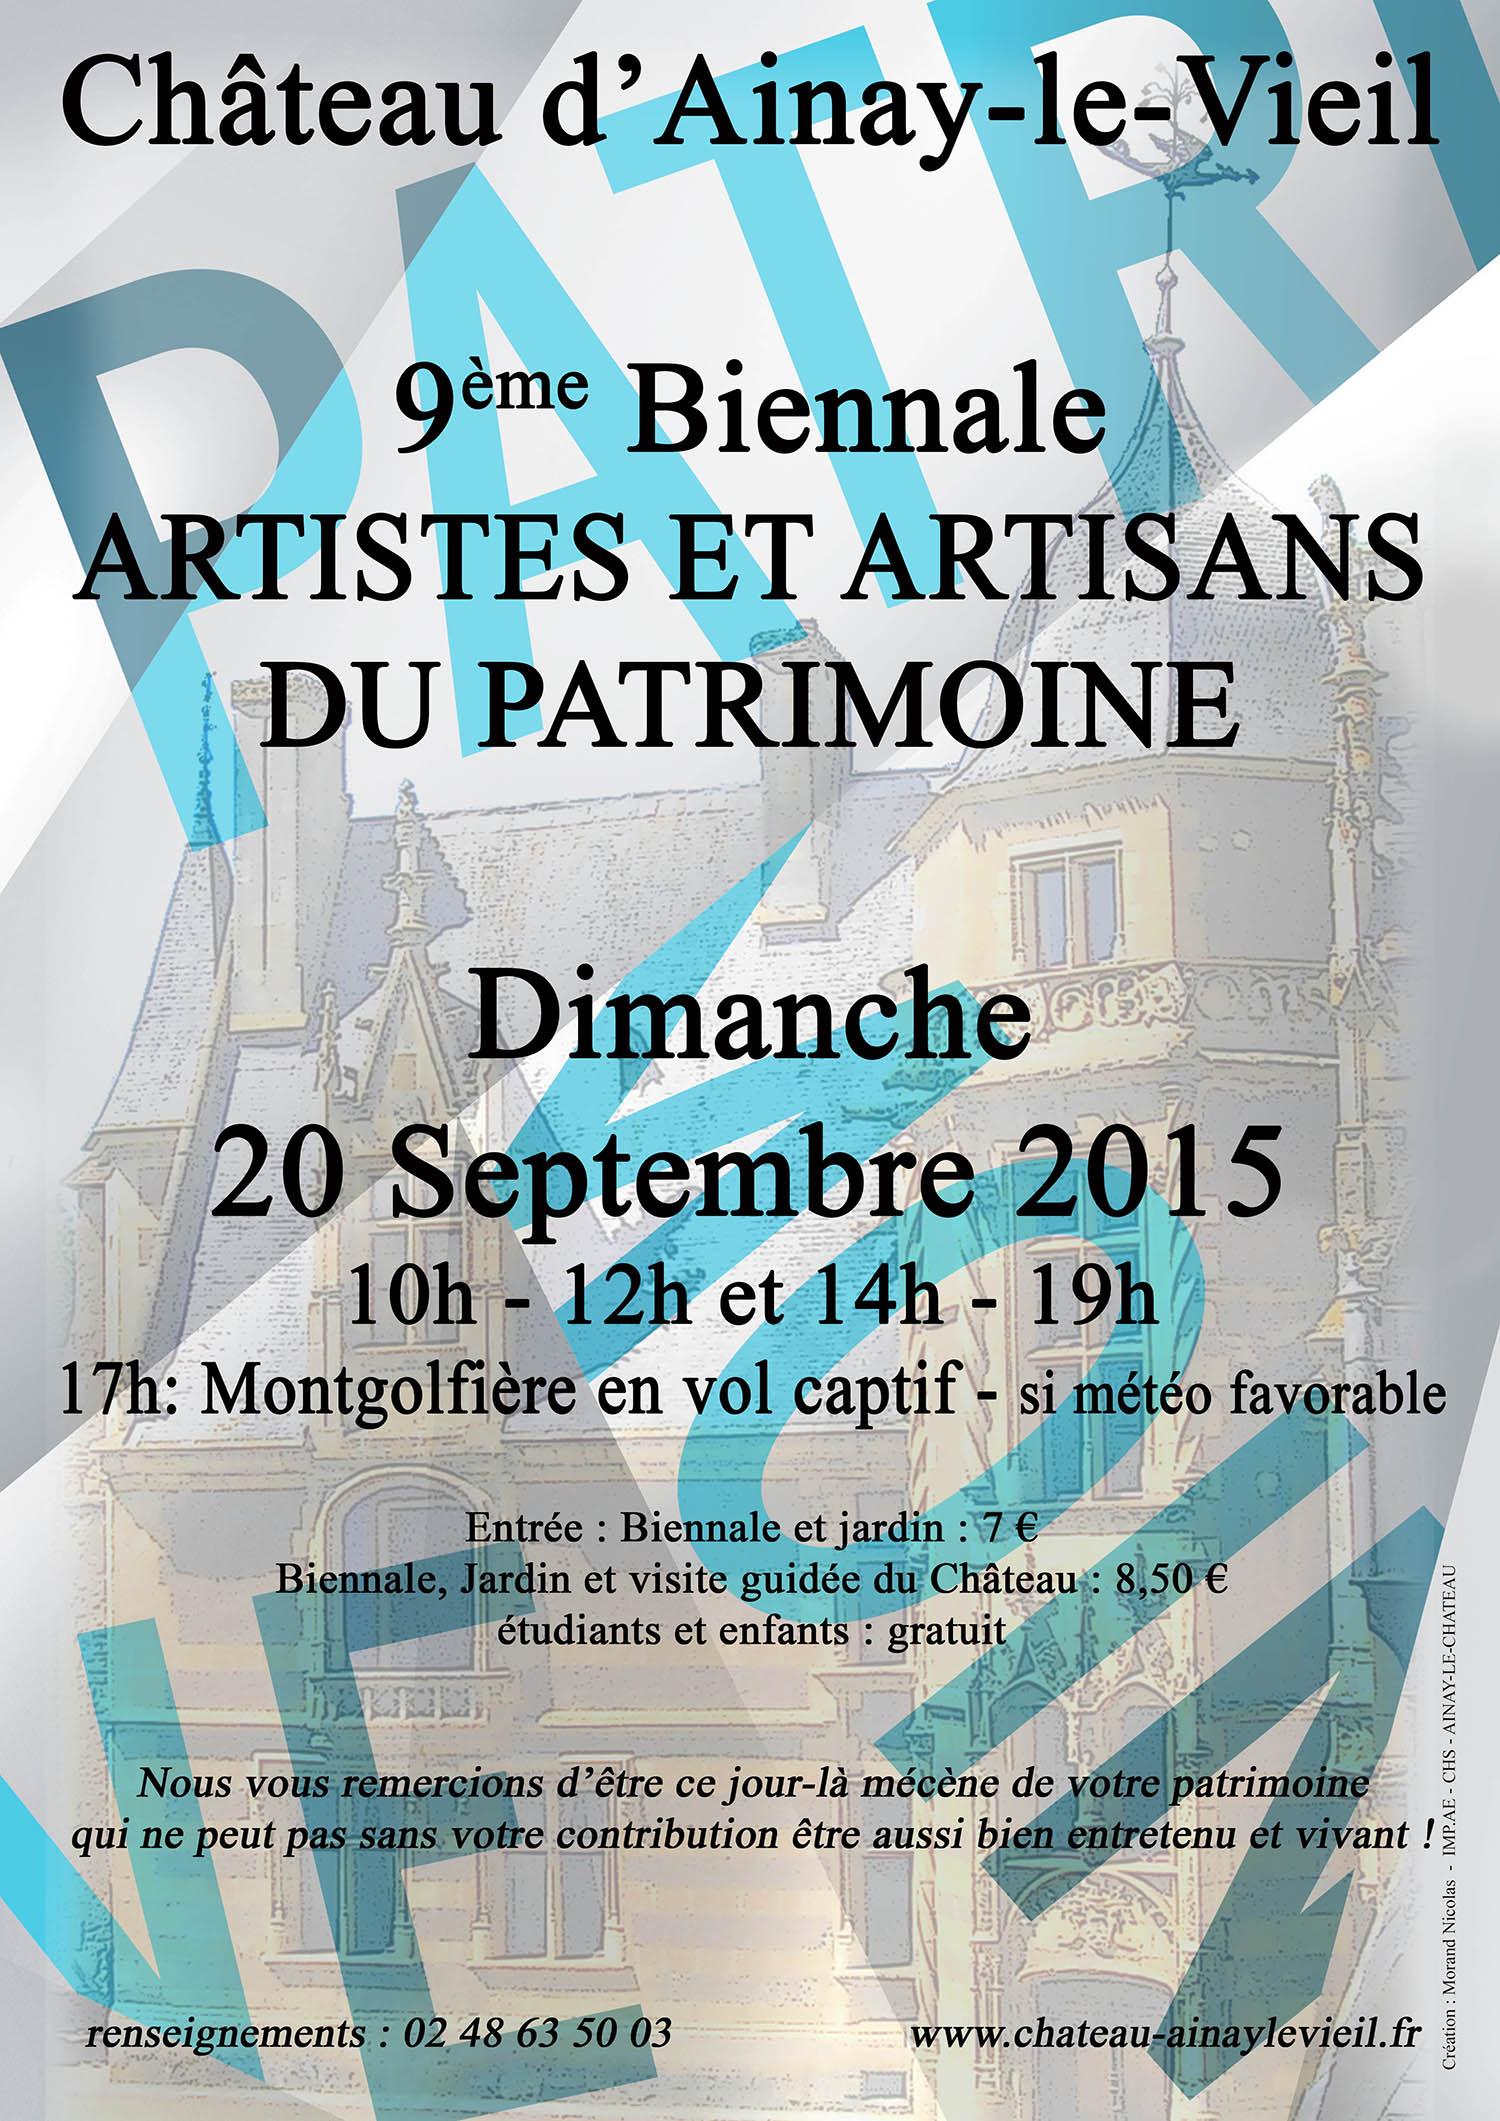 Journée du Patrimoine 2015 - 9ème Biennale des Artistes et Artisans d'Art